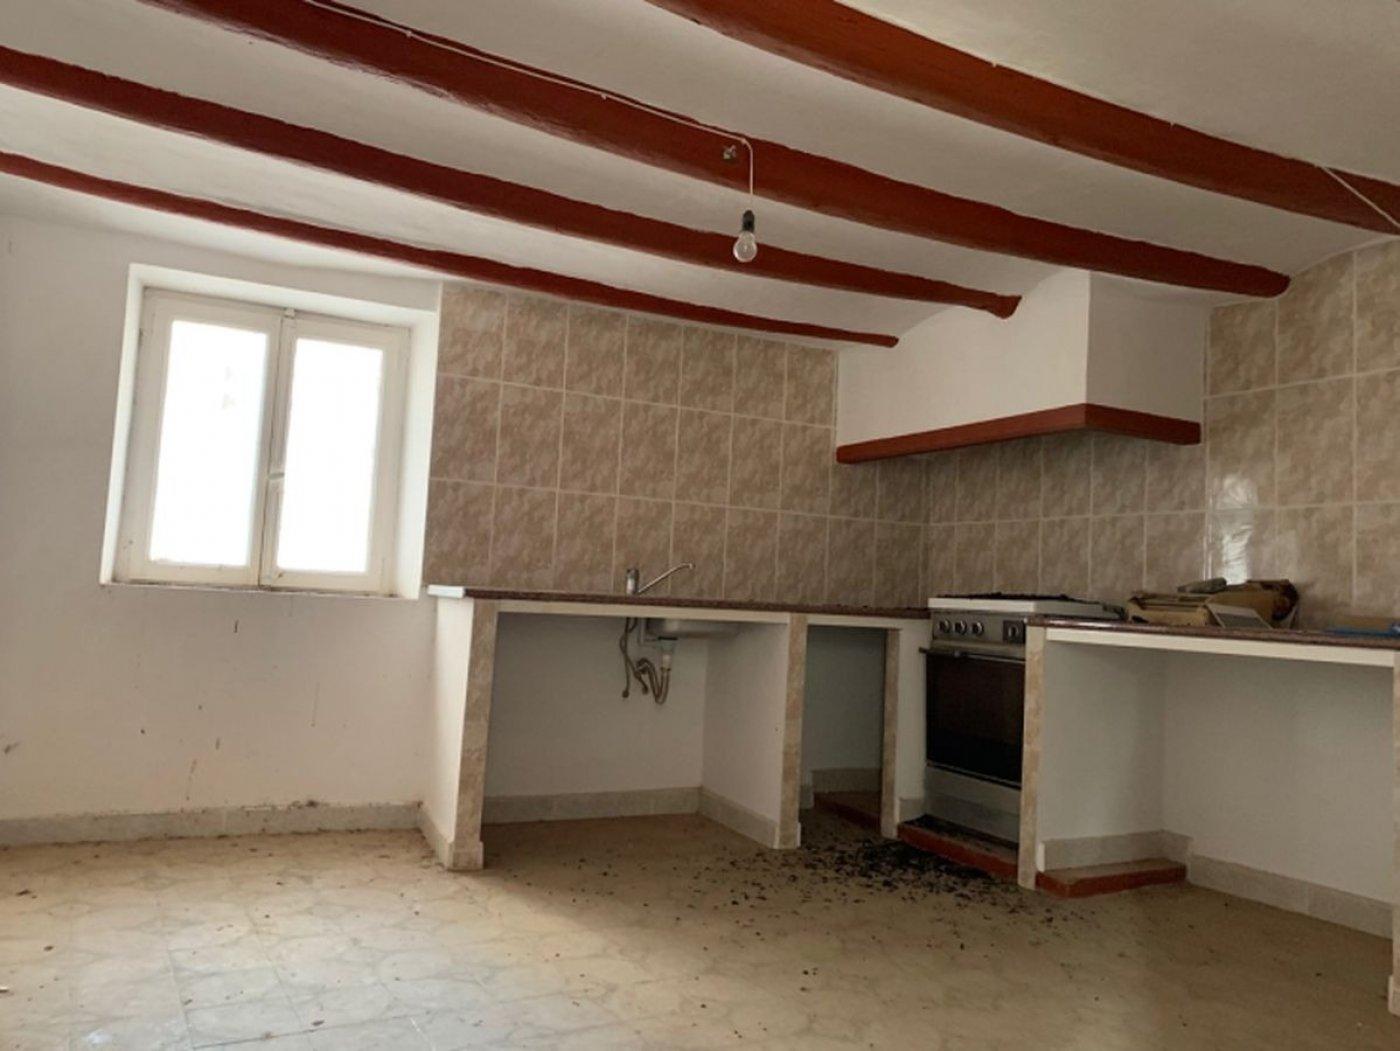 Duplex for sale in Centro, Ulldecona